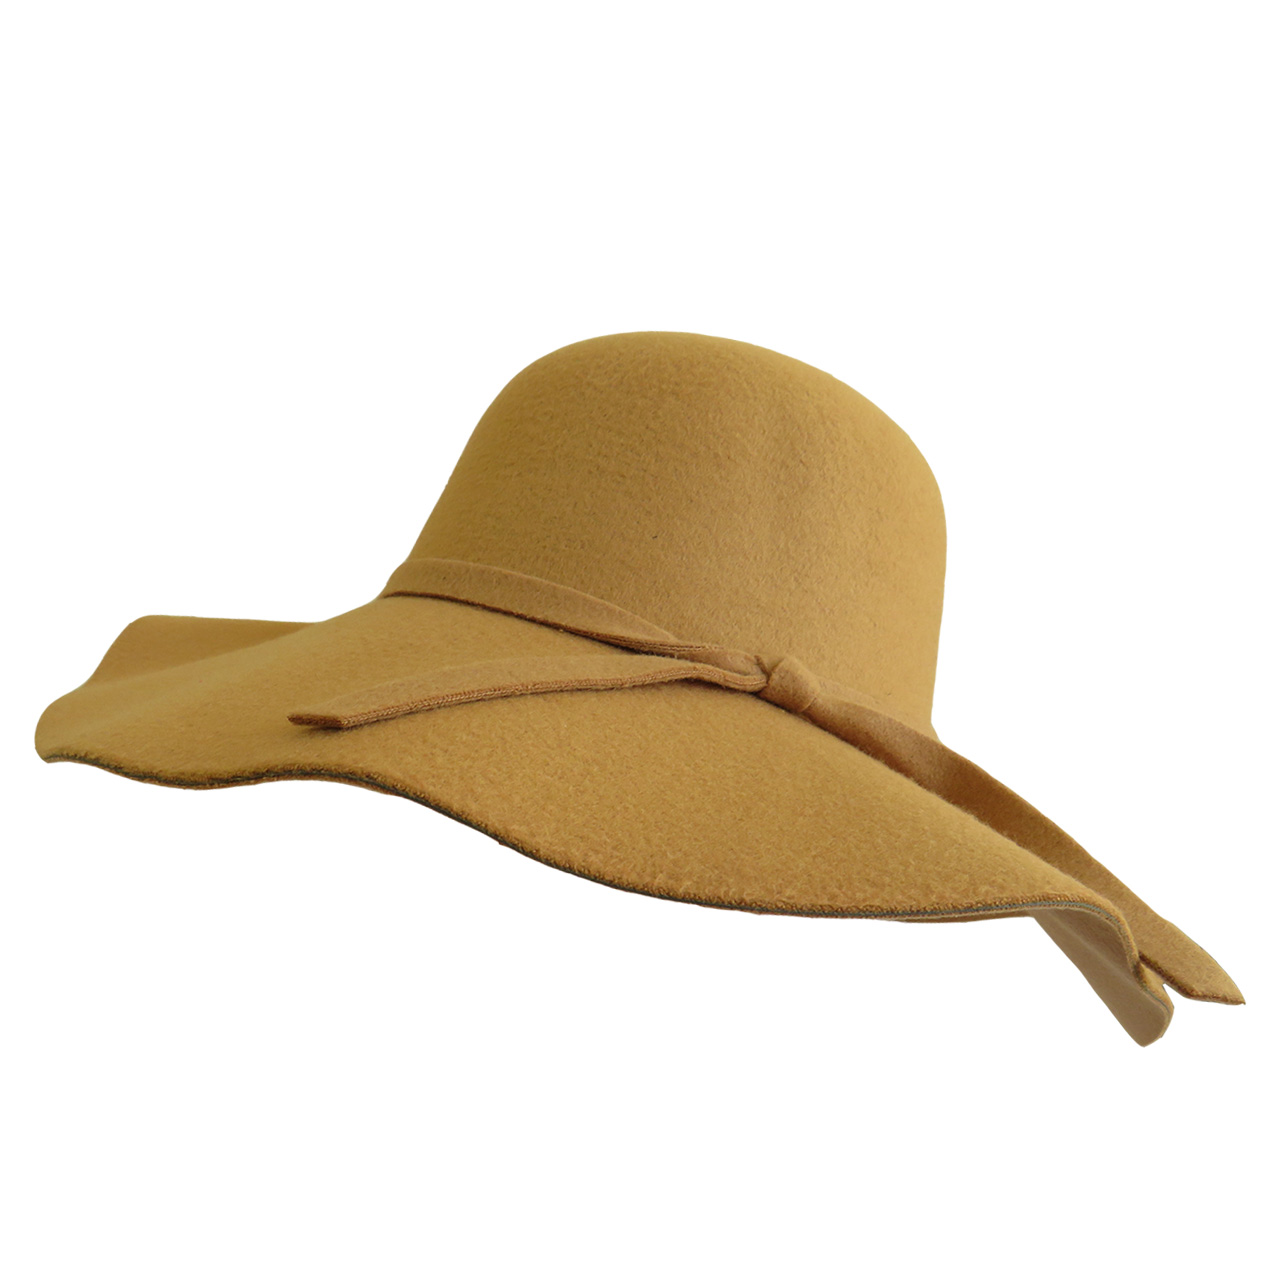 کلاه زنانه مدل شهرزاد کد 05 رنگ نسکافه ای